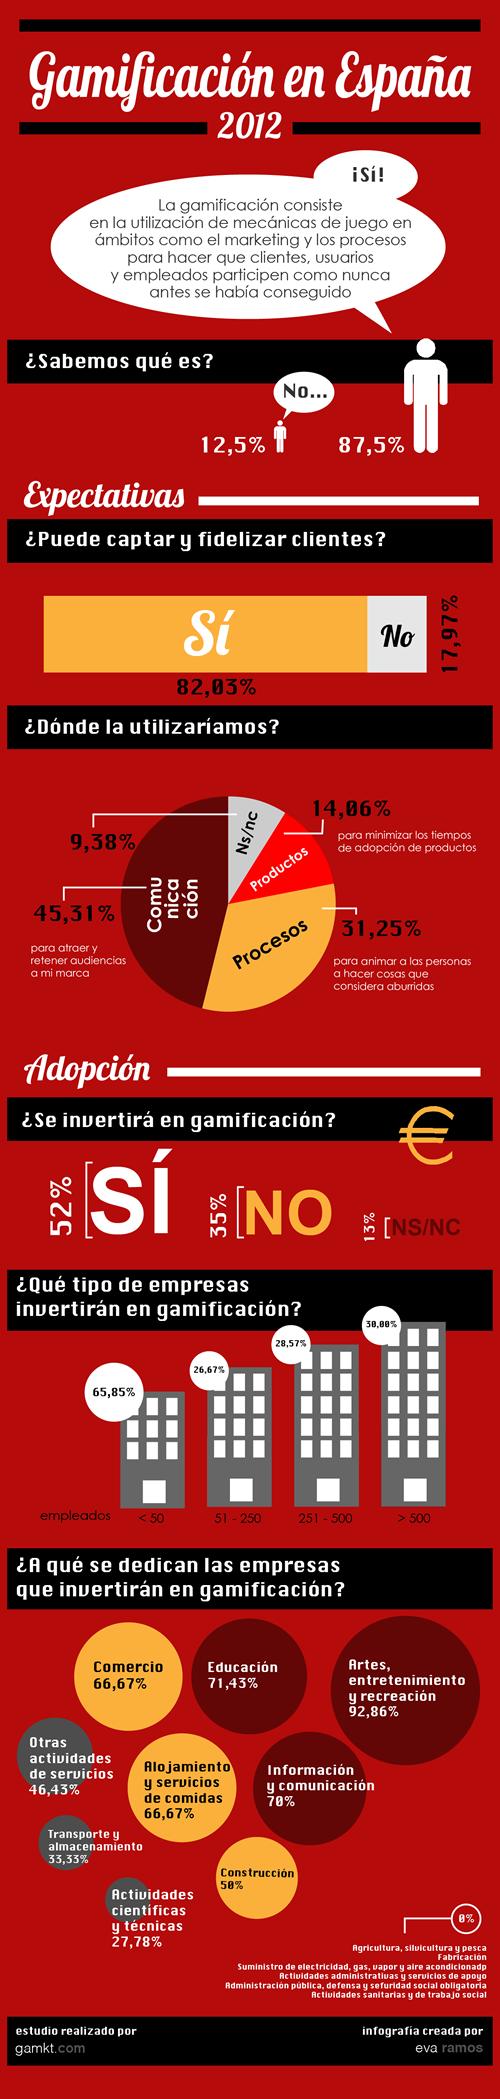 Gamificacion en España